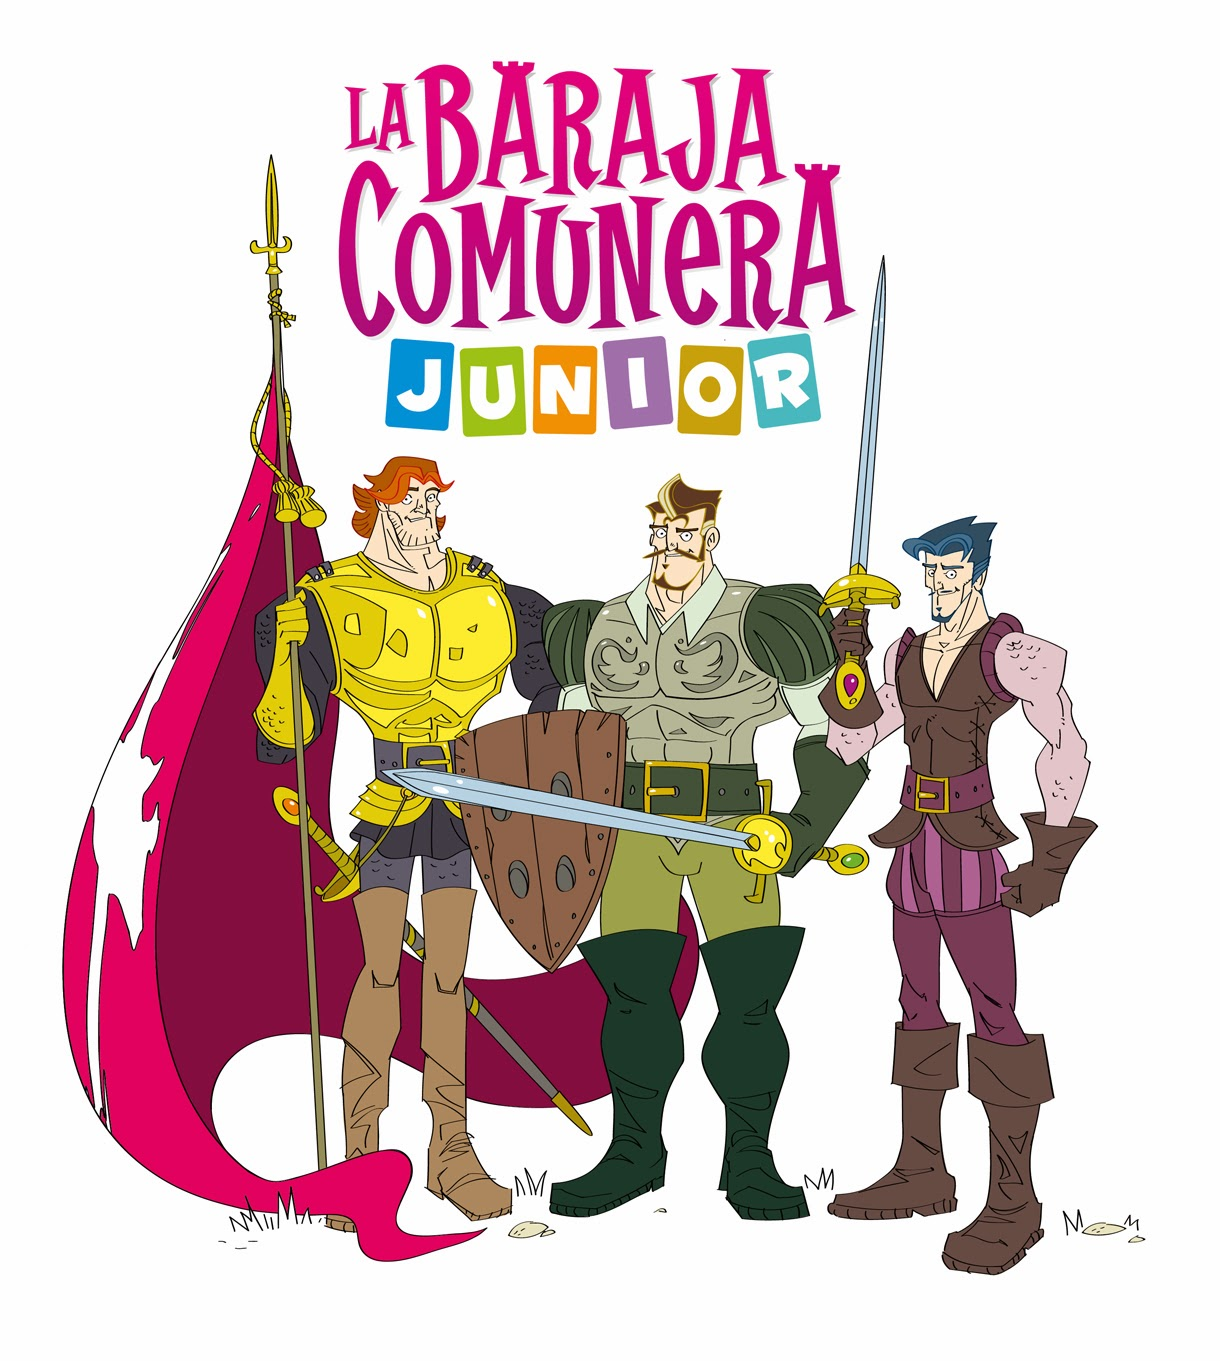 La Baraja Comunera Junior